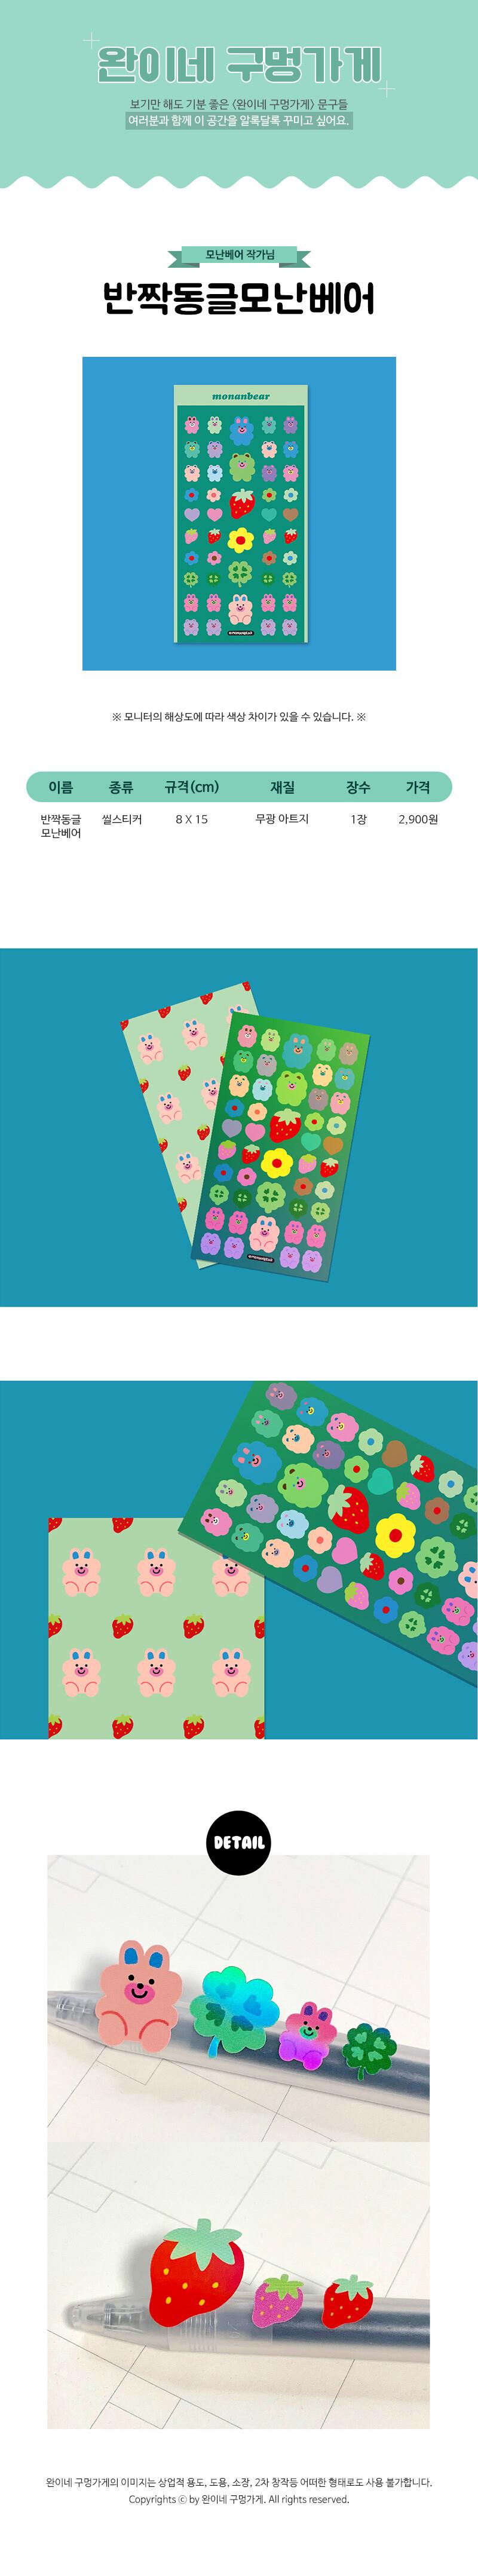 sticker946